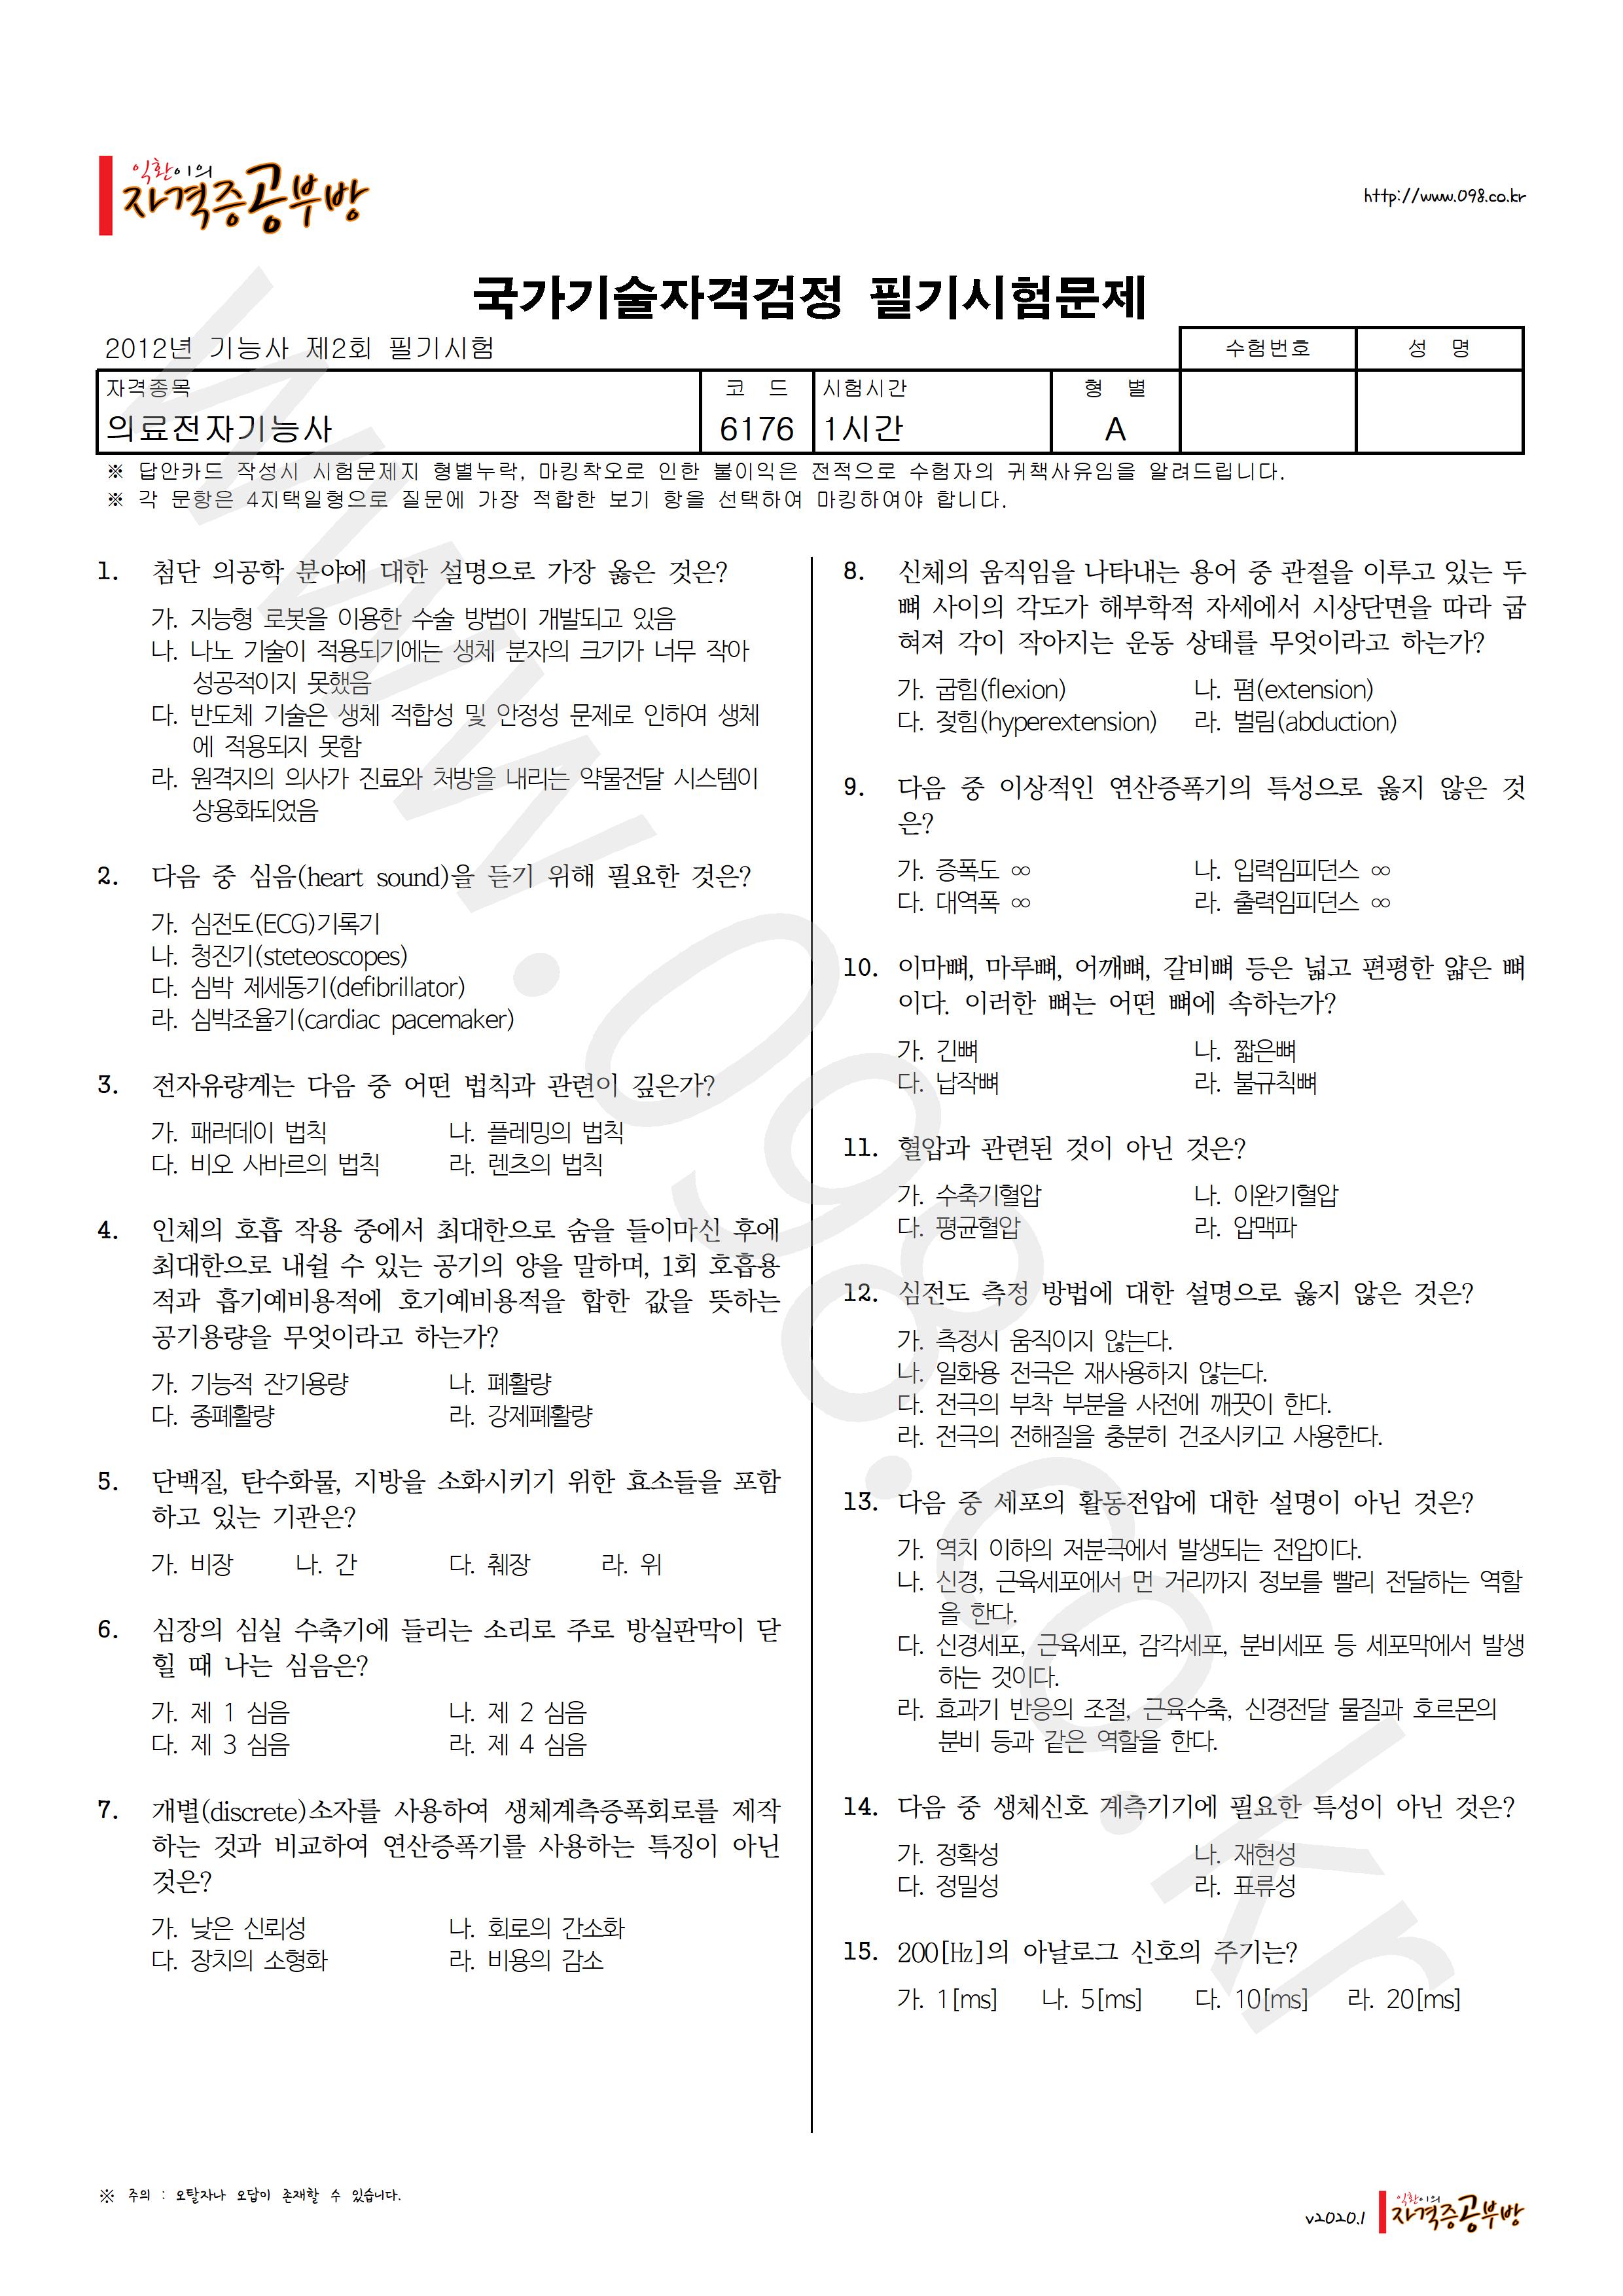 의료전자기능사 2012년 제2회 A형 필기시험 기출문제